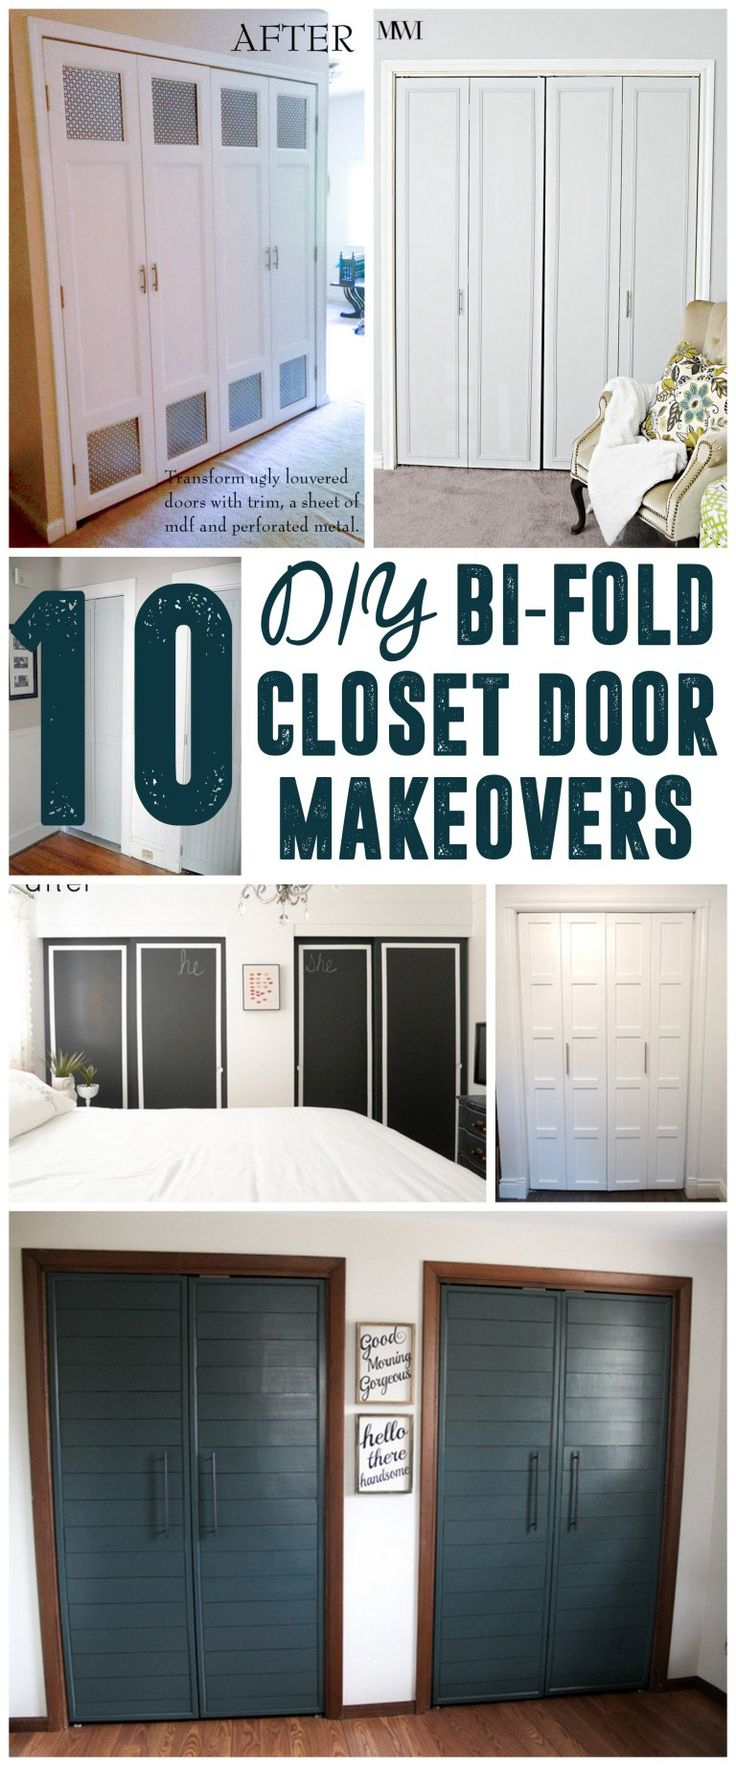 Your home improvements refference mirrored closet doors - Diy Bi Fold Closet Door Makeovers